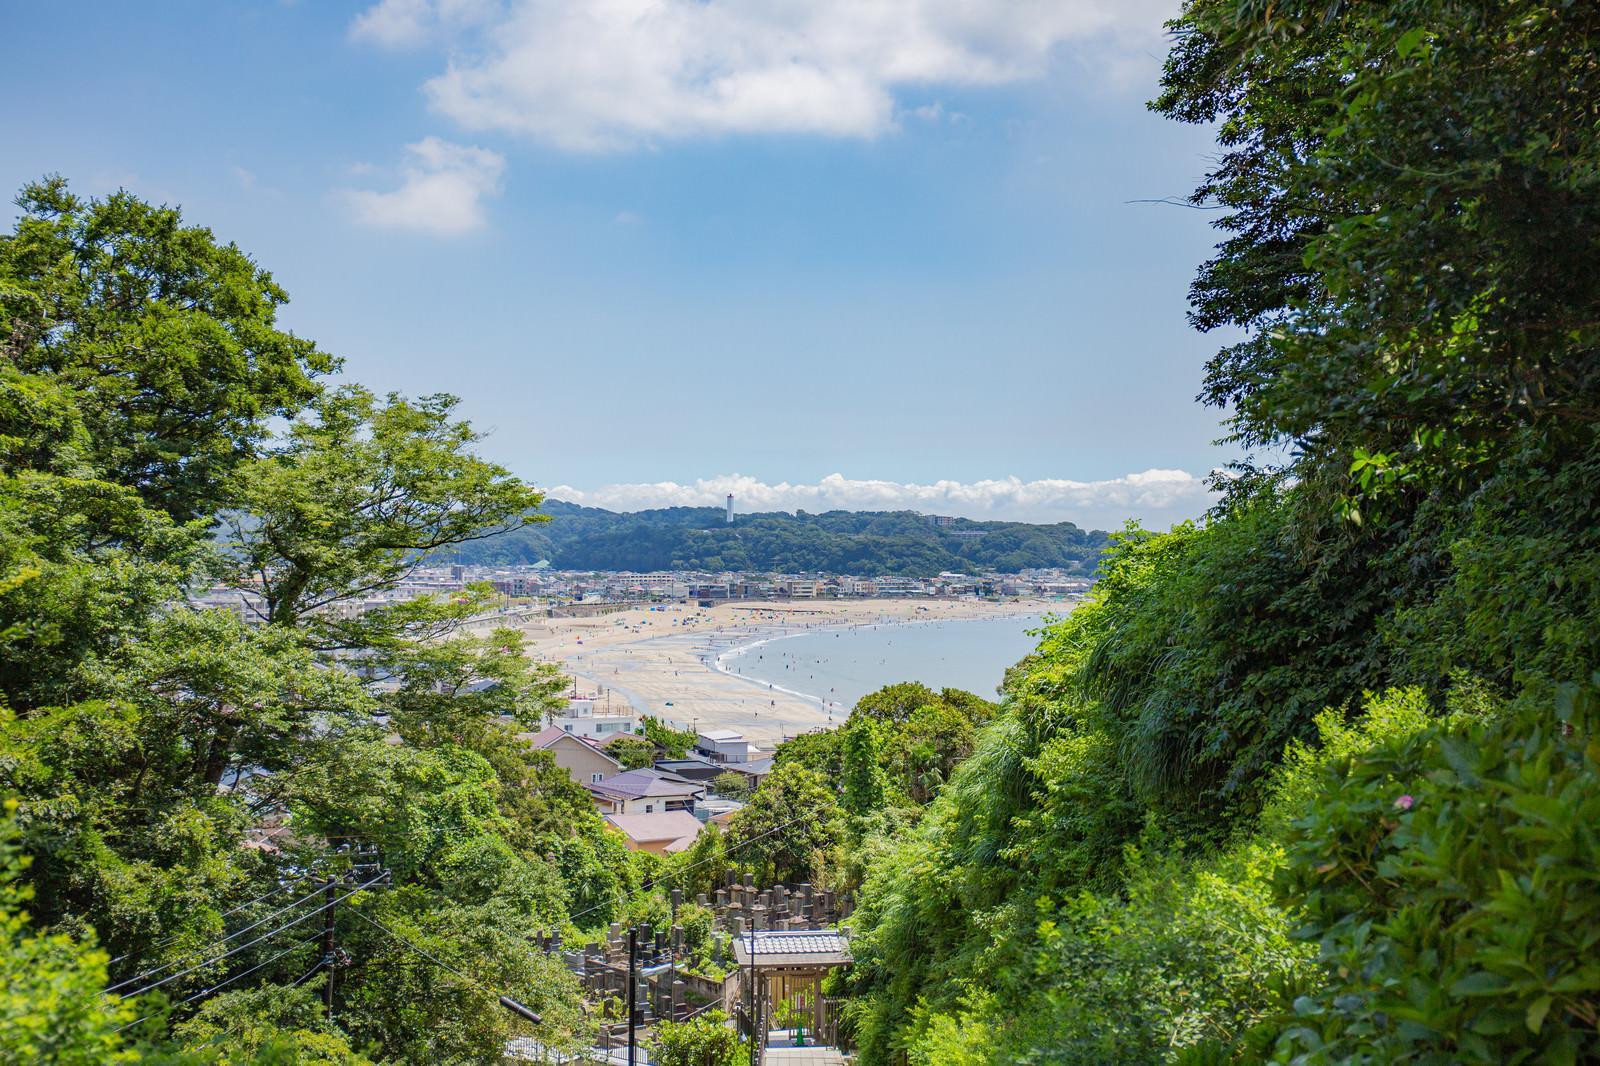 「成就院から眺める夏の由比ヶ浜」の写真